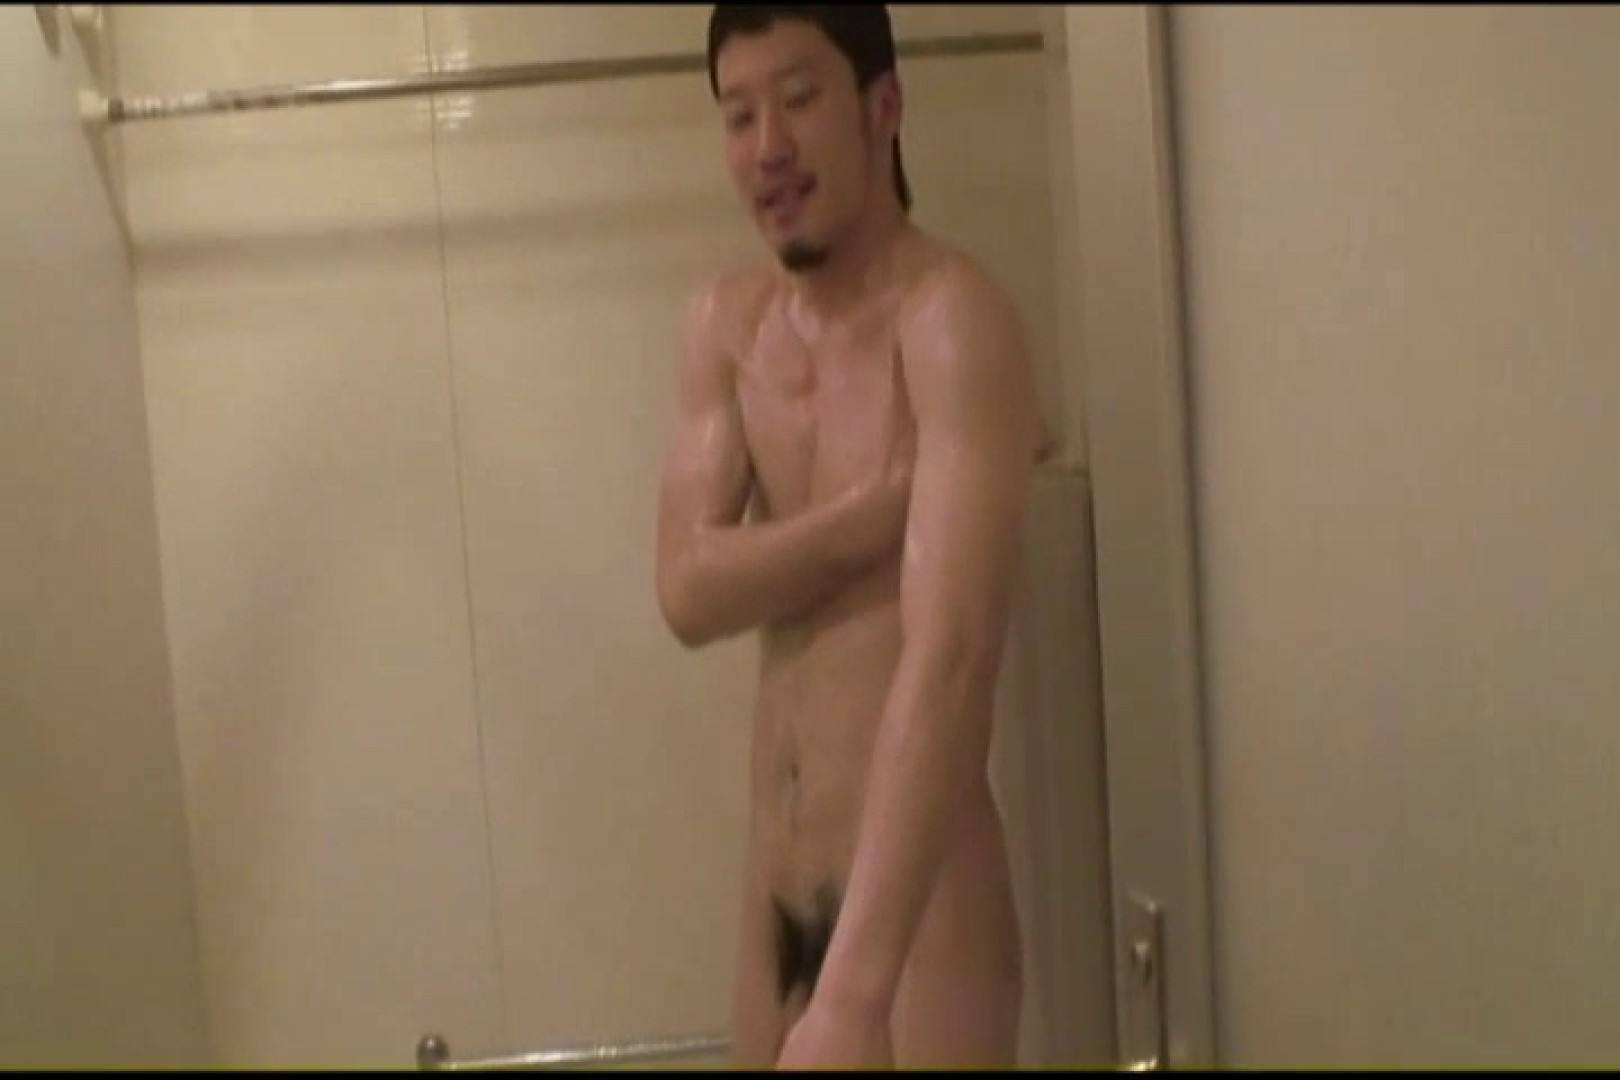 バスケットメンGプレイ! ゲイの裸 ゲイアダルト画像 71枚 20